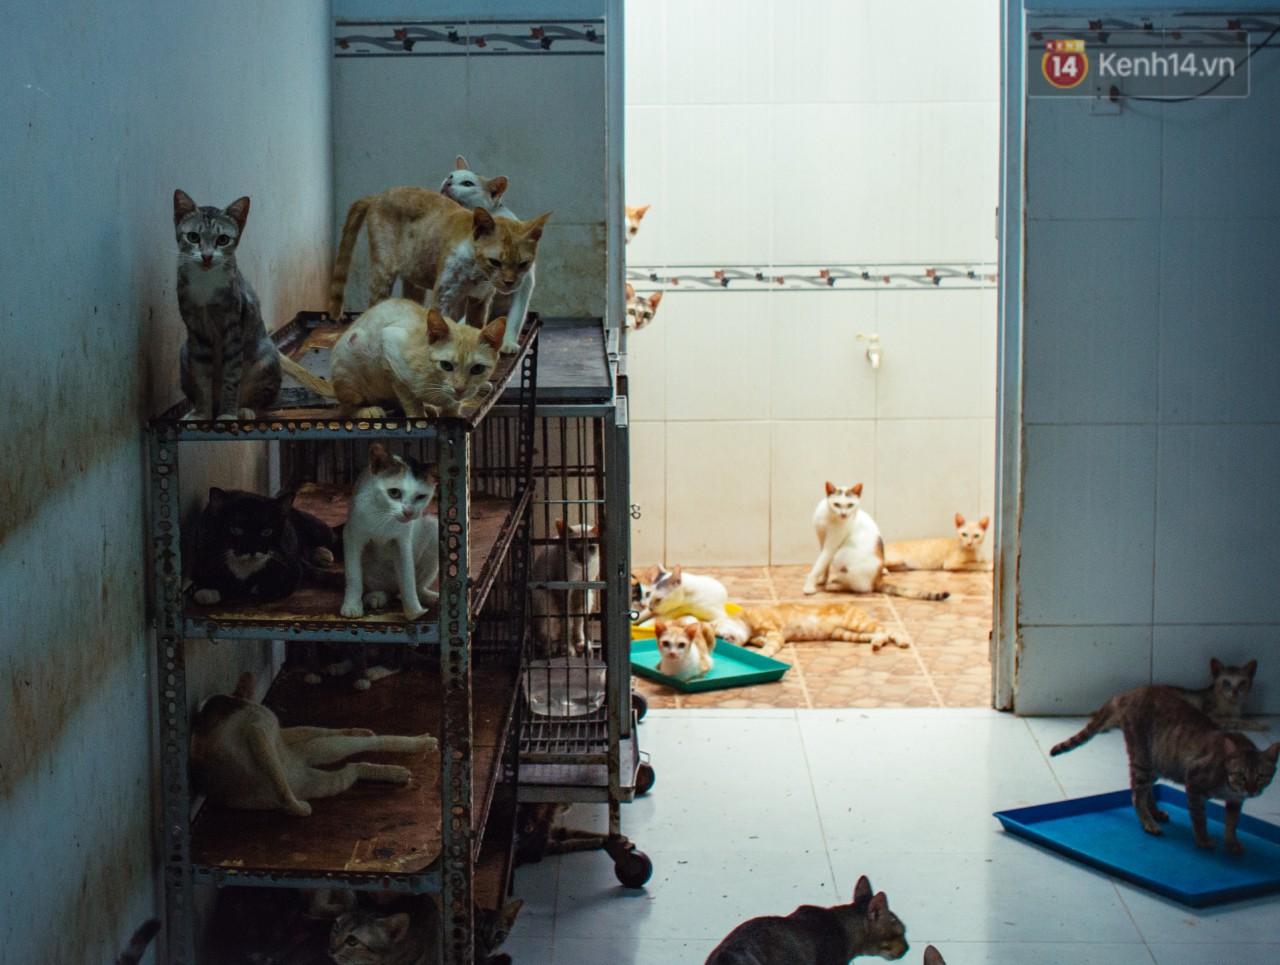 Người phụ nữ hy sinh 20 năm tuổi xuân để cưu mang hàng trăm chú mèo hoang ở Sài Gòn - Ảnh 4.